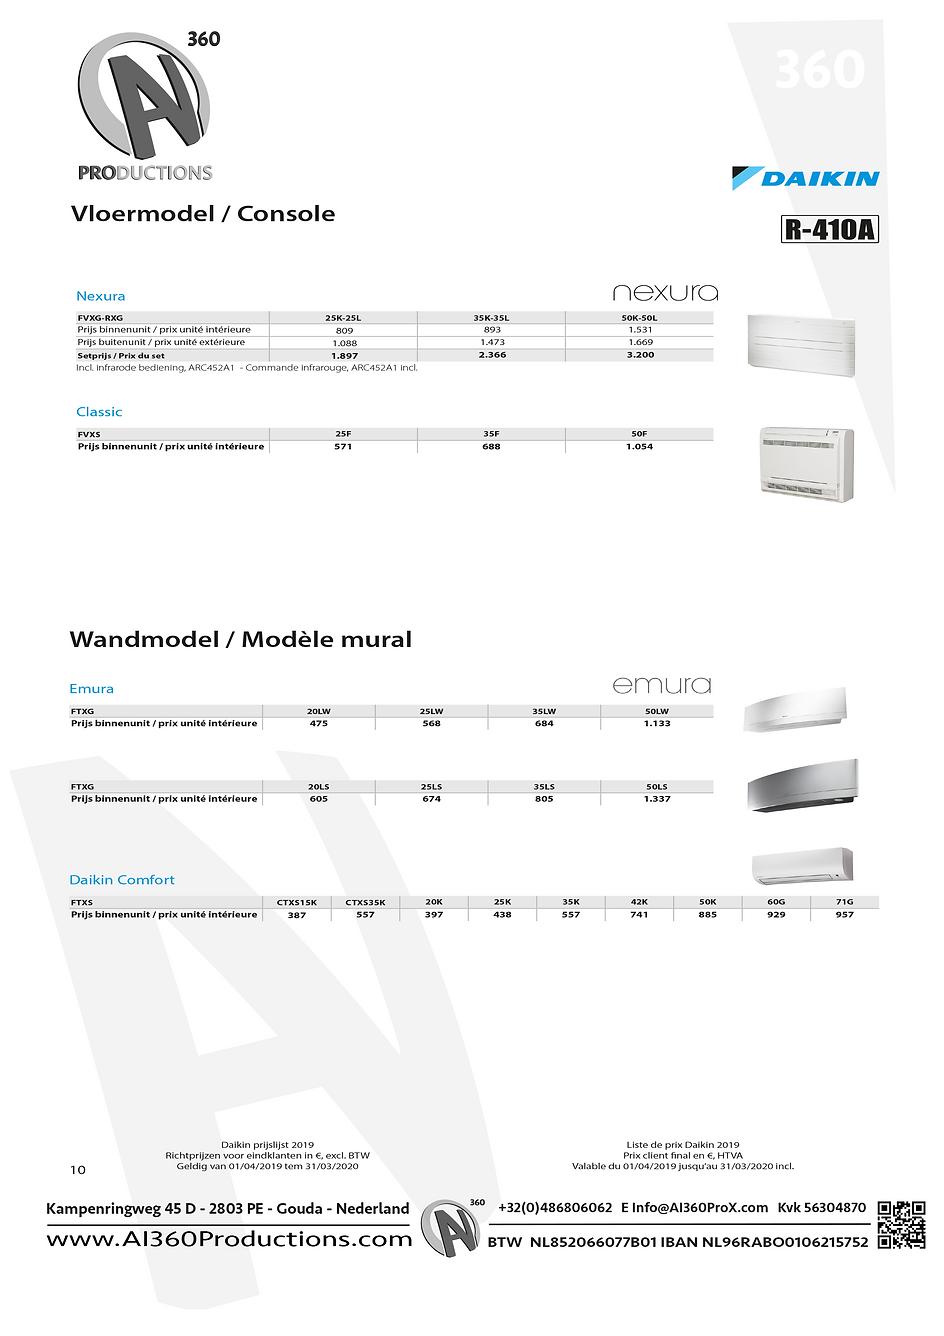 Daikin-vloermodellen-wandmodellen-AI360P